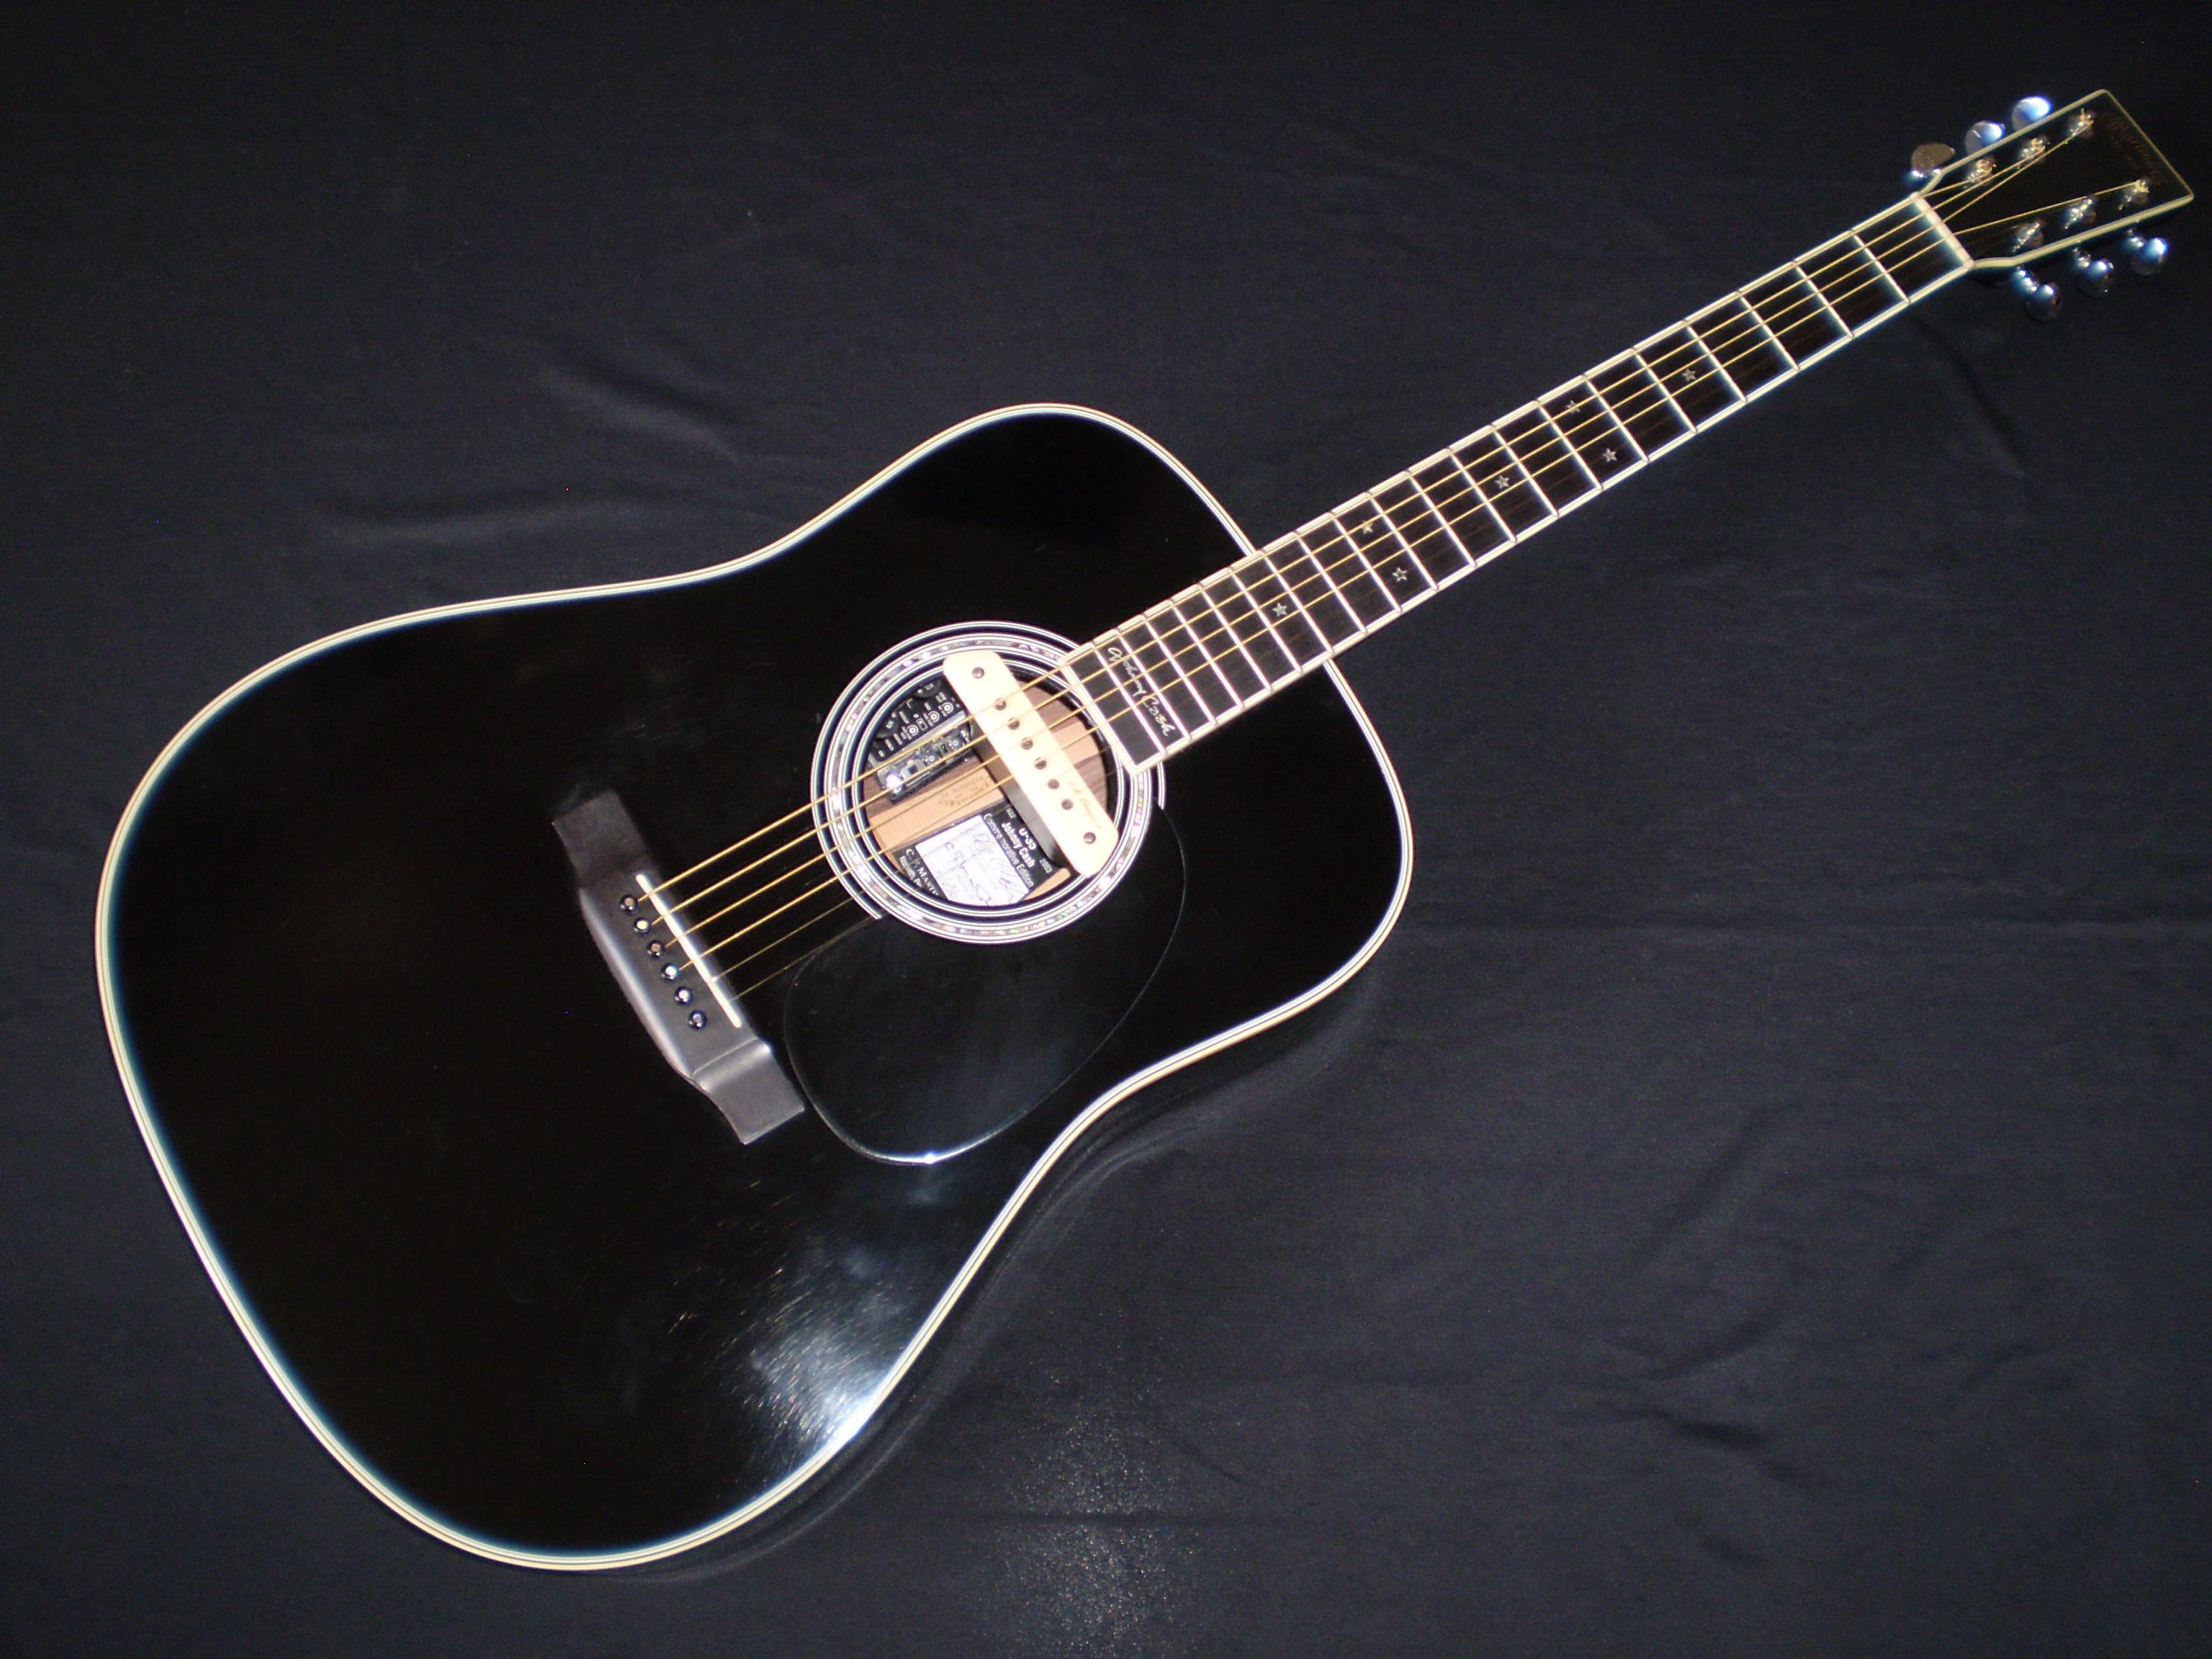 martin d35 johnny cash 2009 ebony guitar for sale glenns guitars. Black Bedroom Furniture Sets. Home Design Ideas